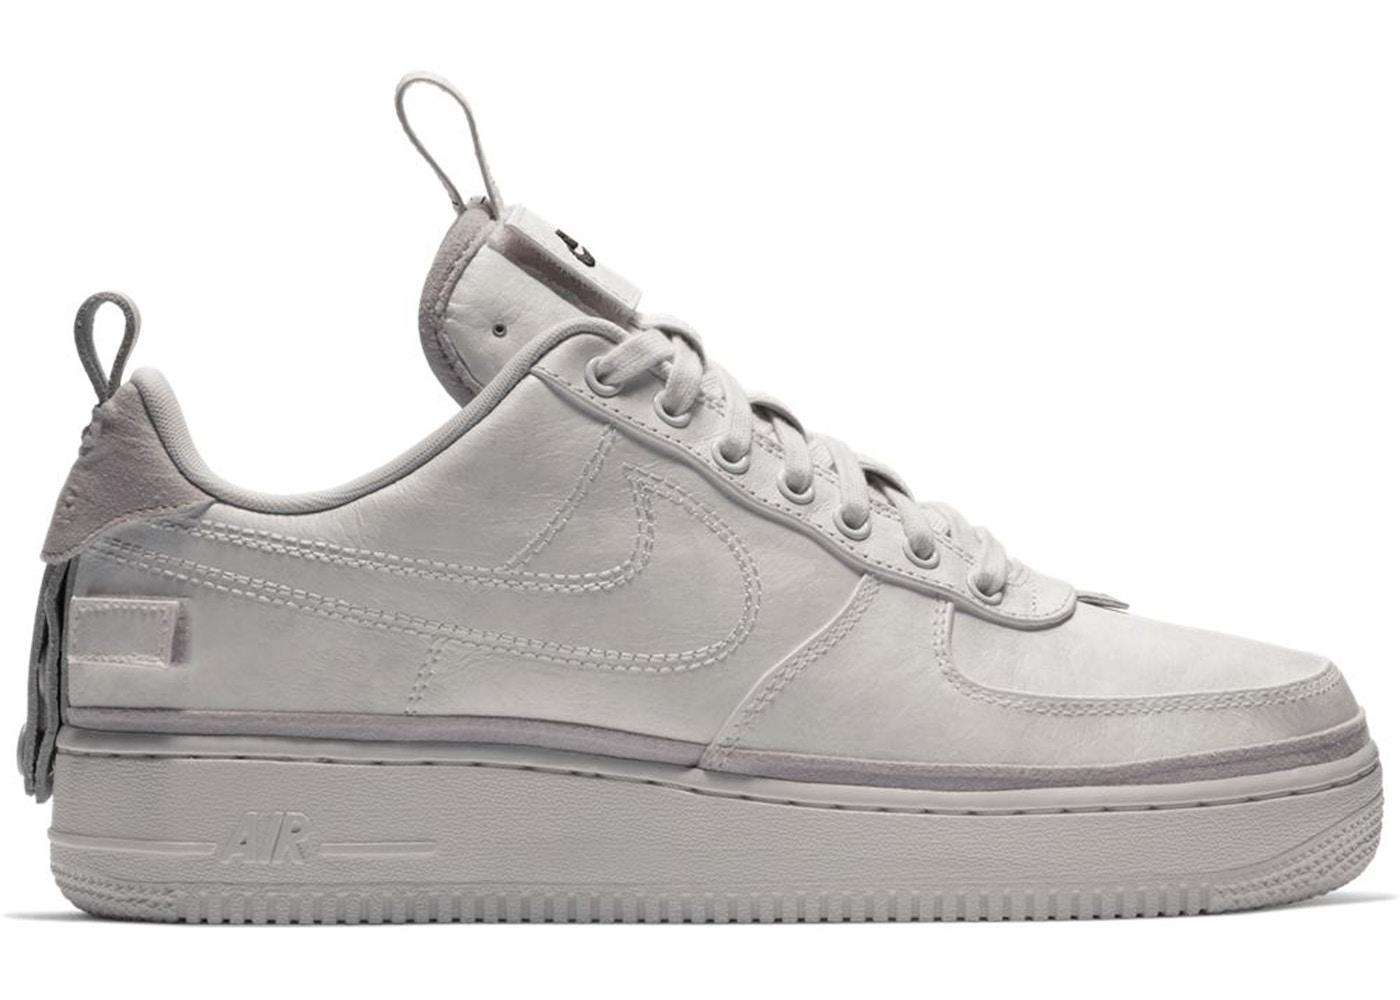 nike air force 1 10